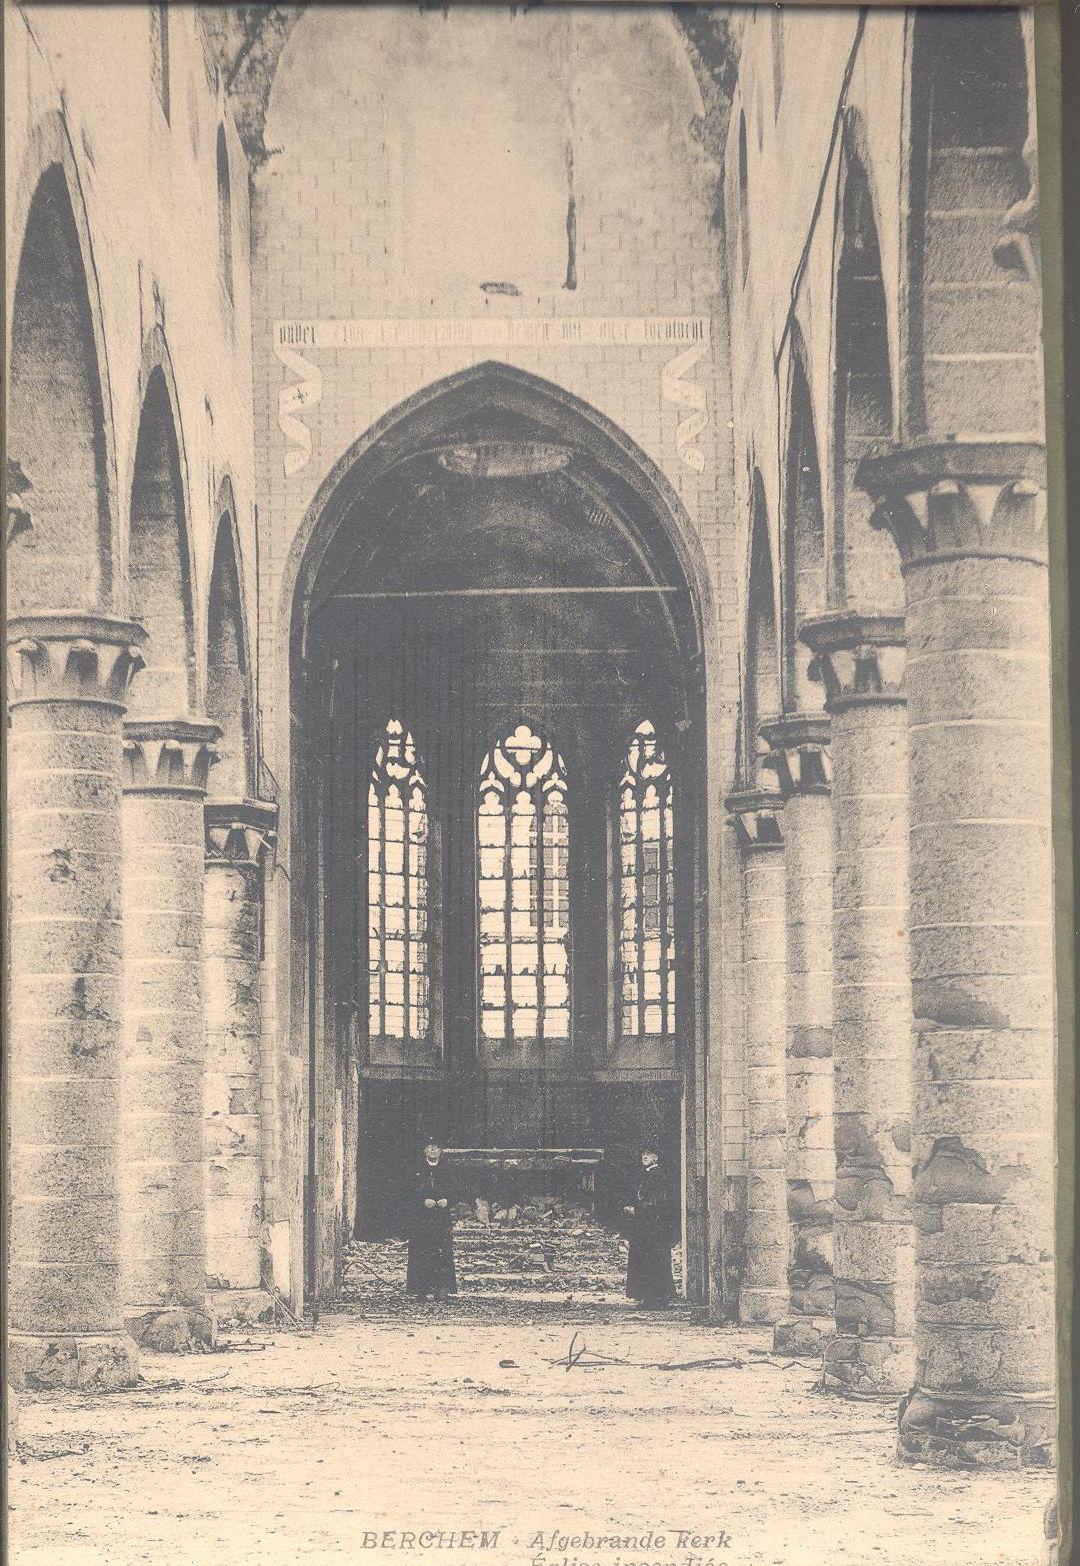 Kerk van Berchem uitgebrand